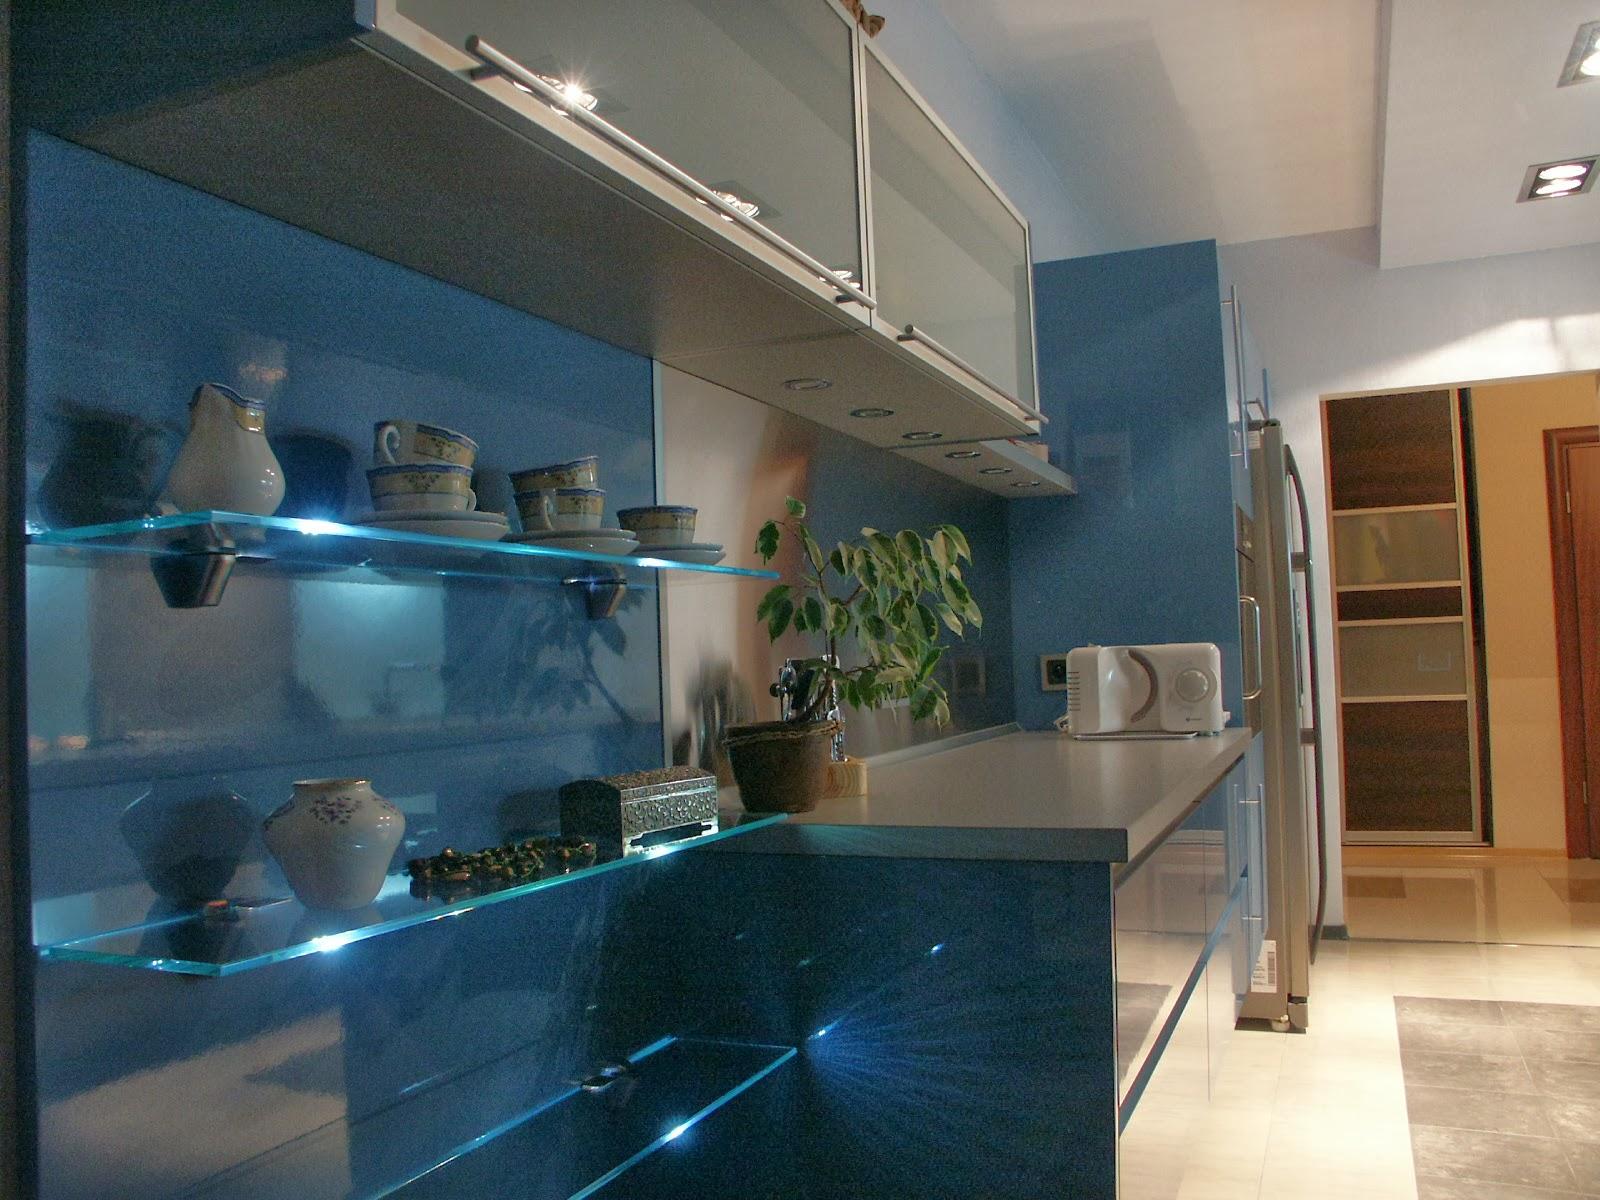 HOME FROM OURS Kuchnia niebieska na topie lifestyle, dzieci, życie, pomysły,   -> Niebieska Kuchnia Inspiracje